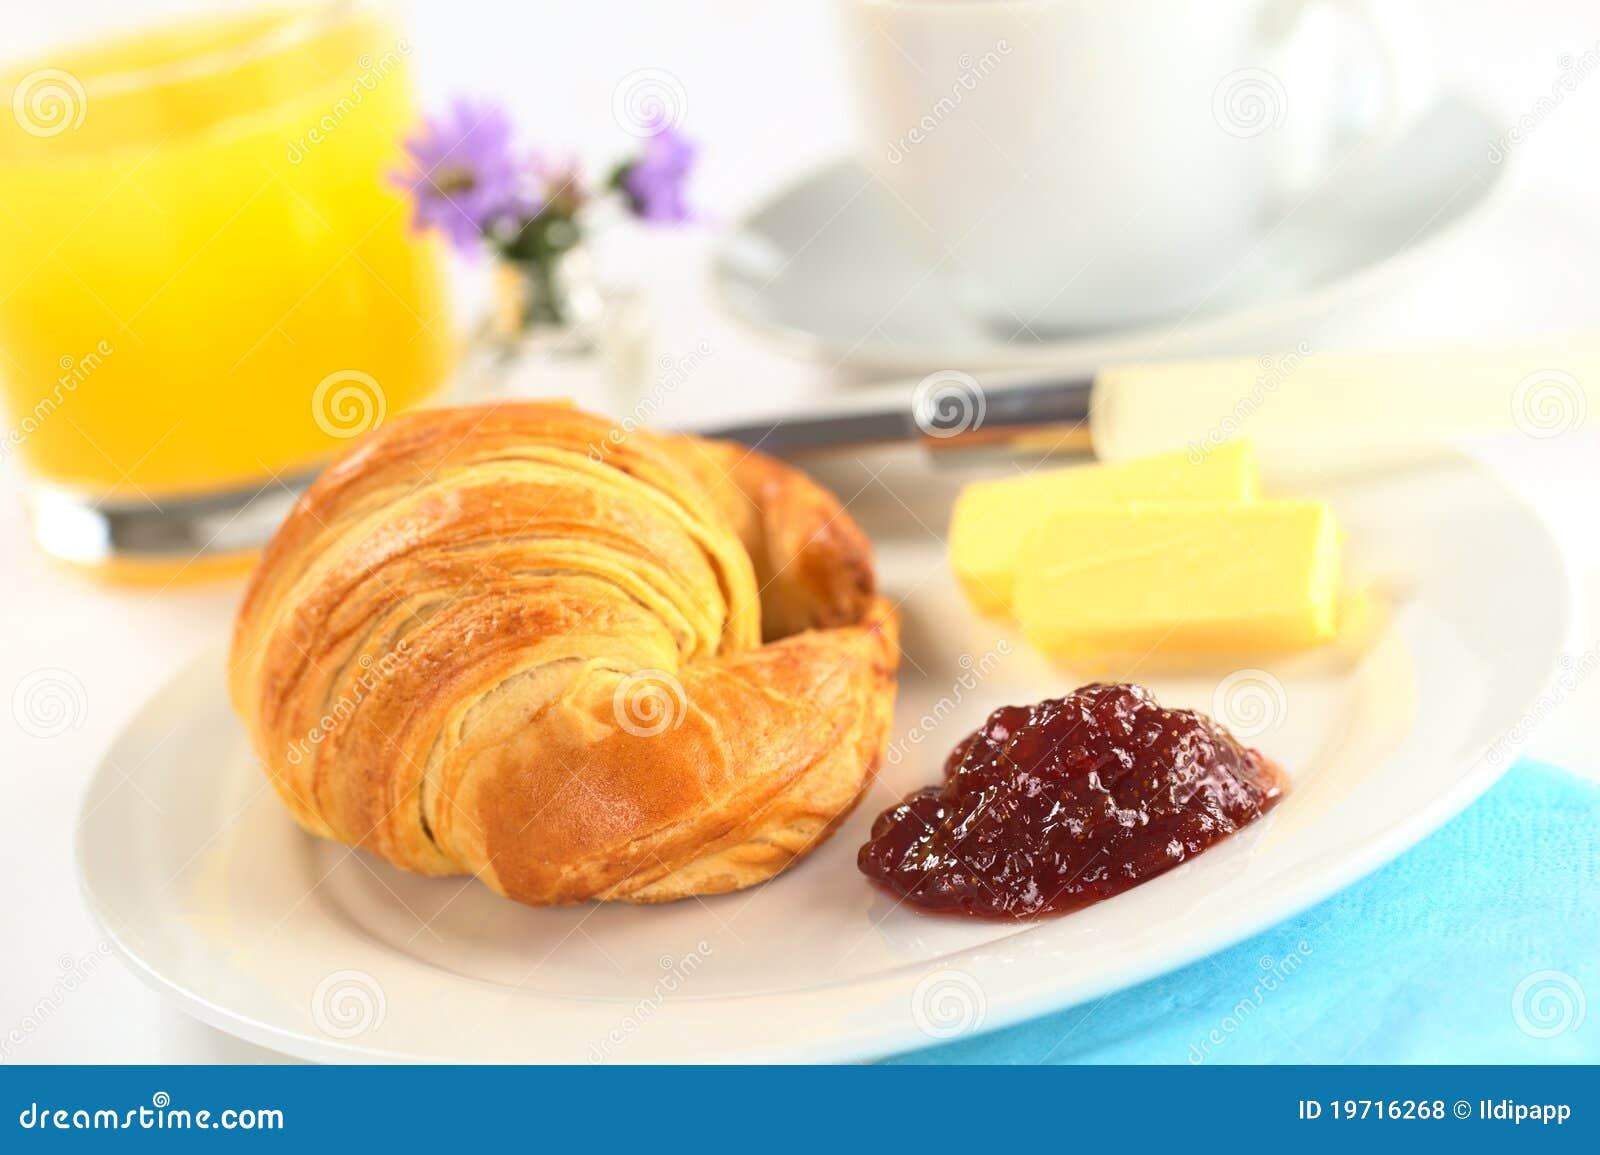 Heerlijk Continentaal Ontbijt